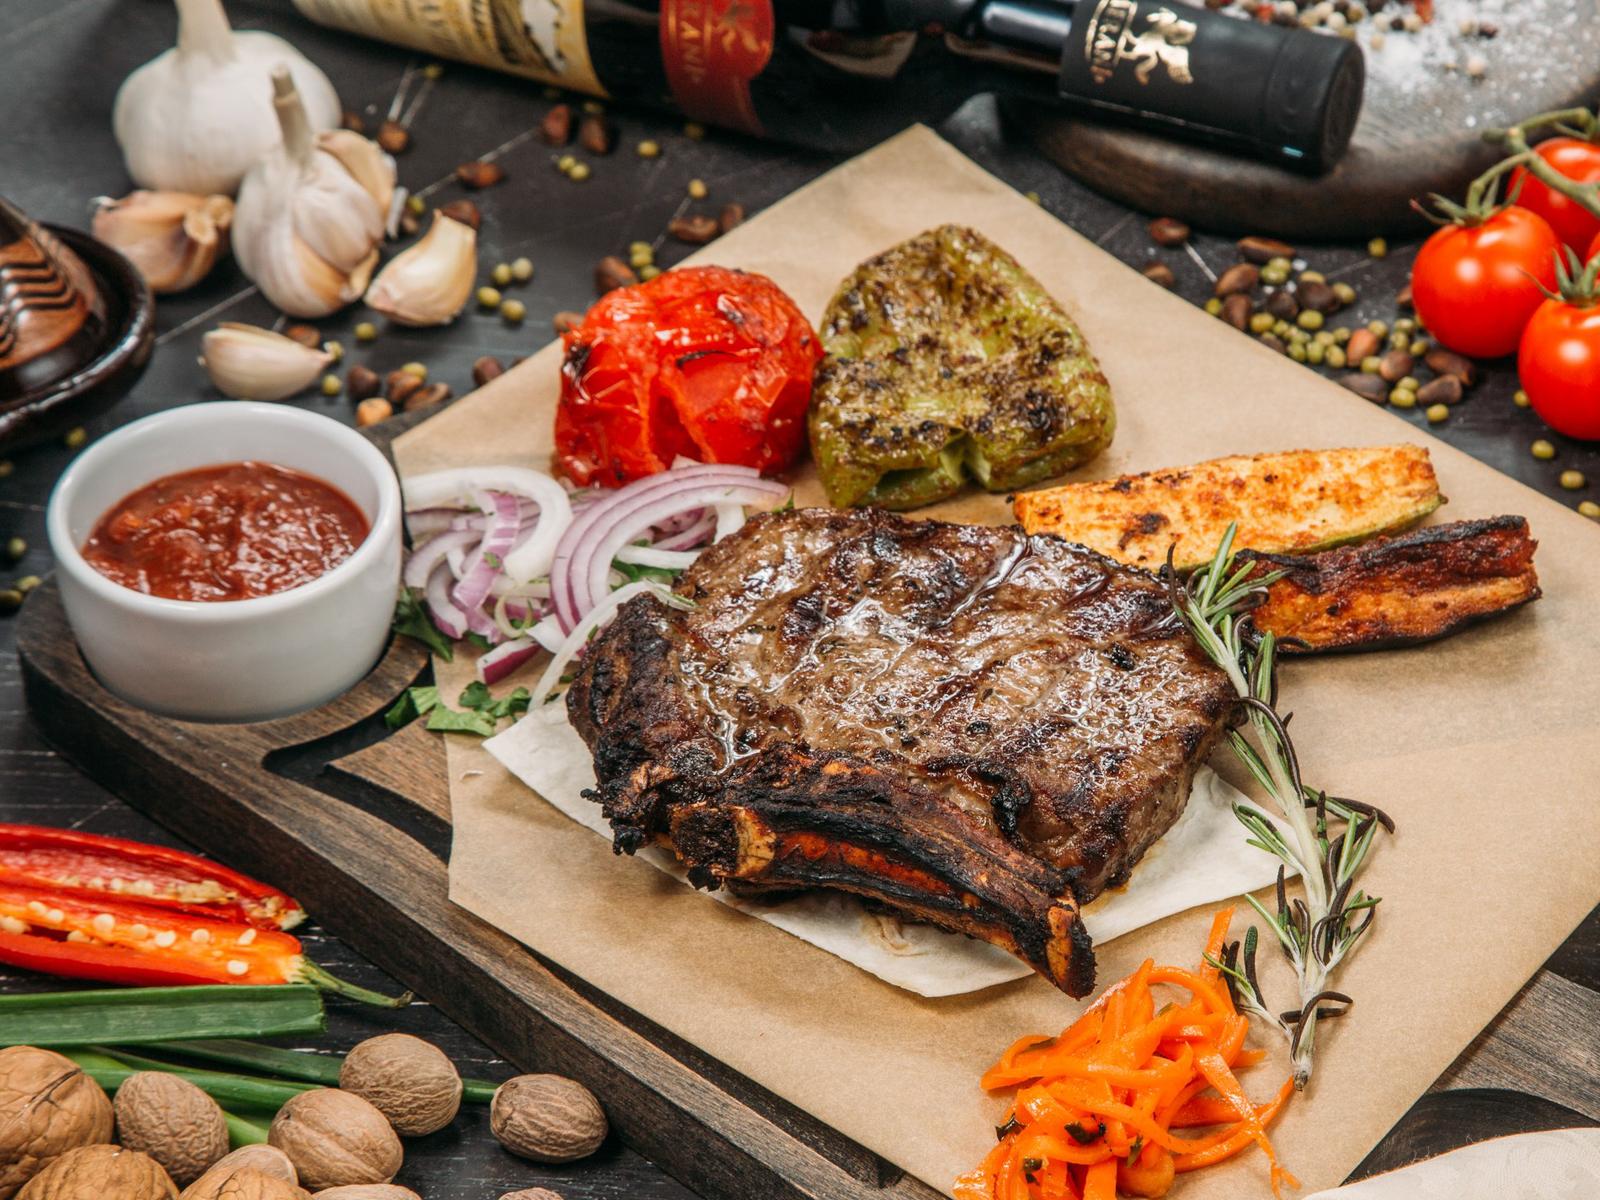 Барбекю из телятины на косточке с овощами, запеченными на гриле